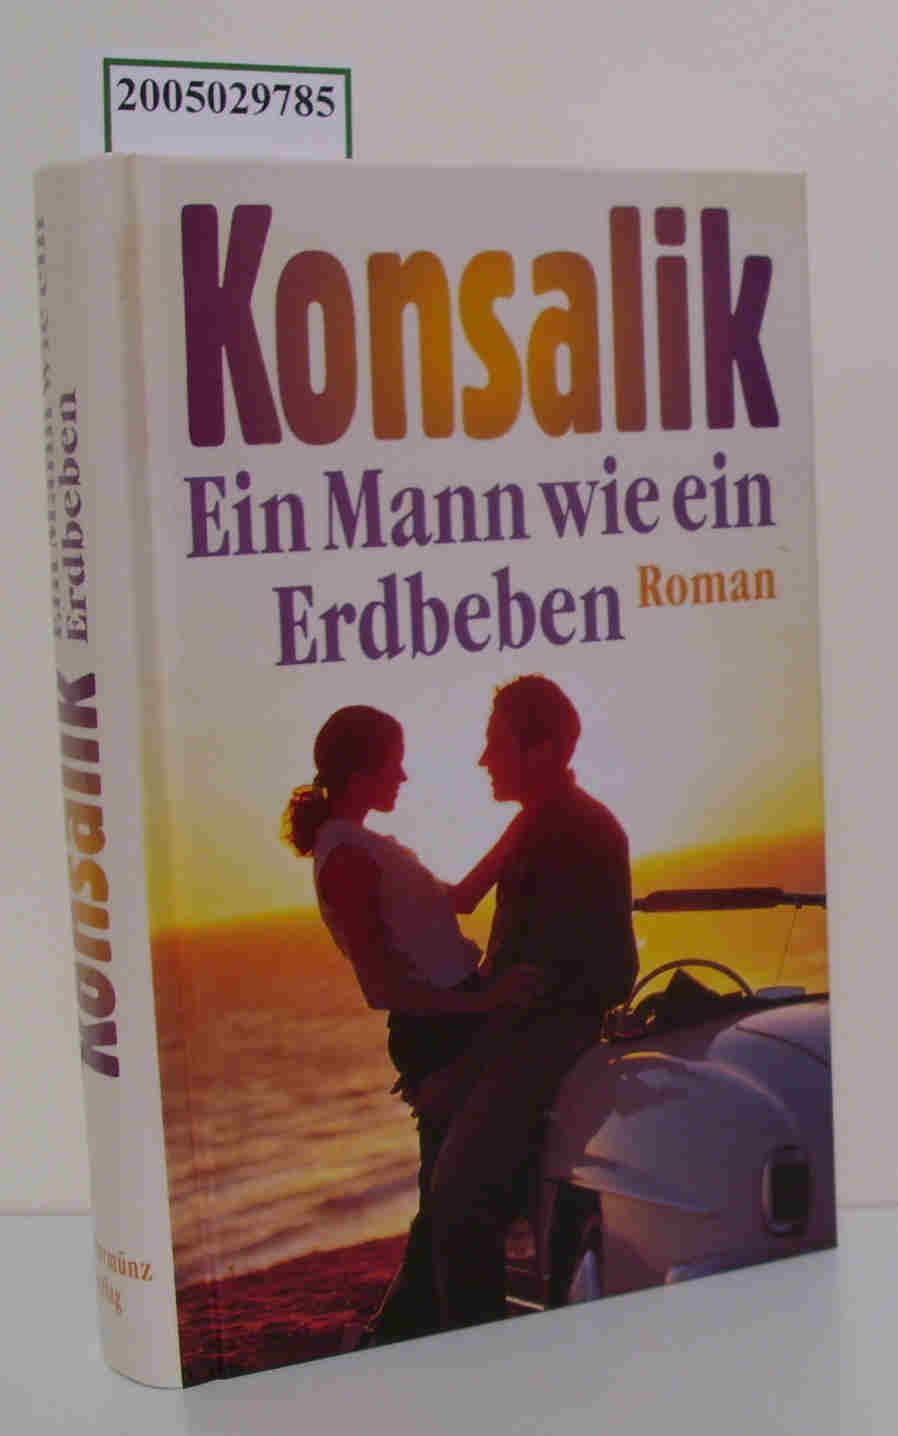 Ein  Mann wie ein Erdbeben Roman / Konsalik